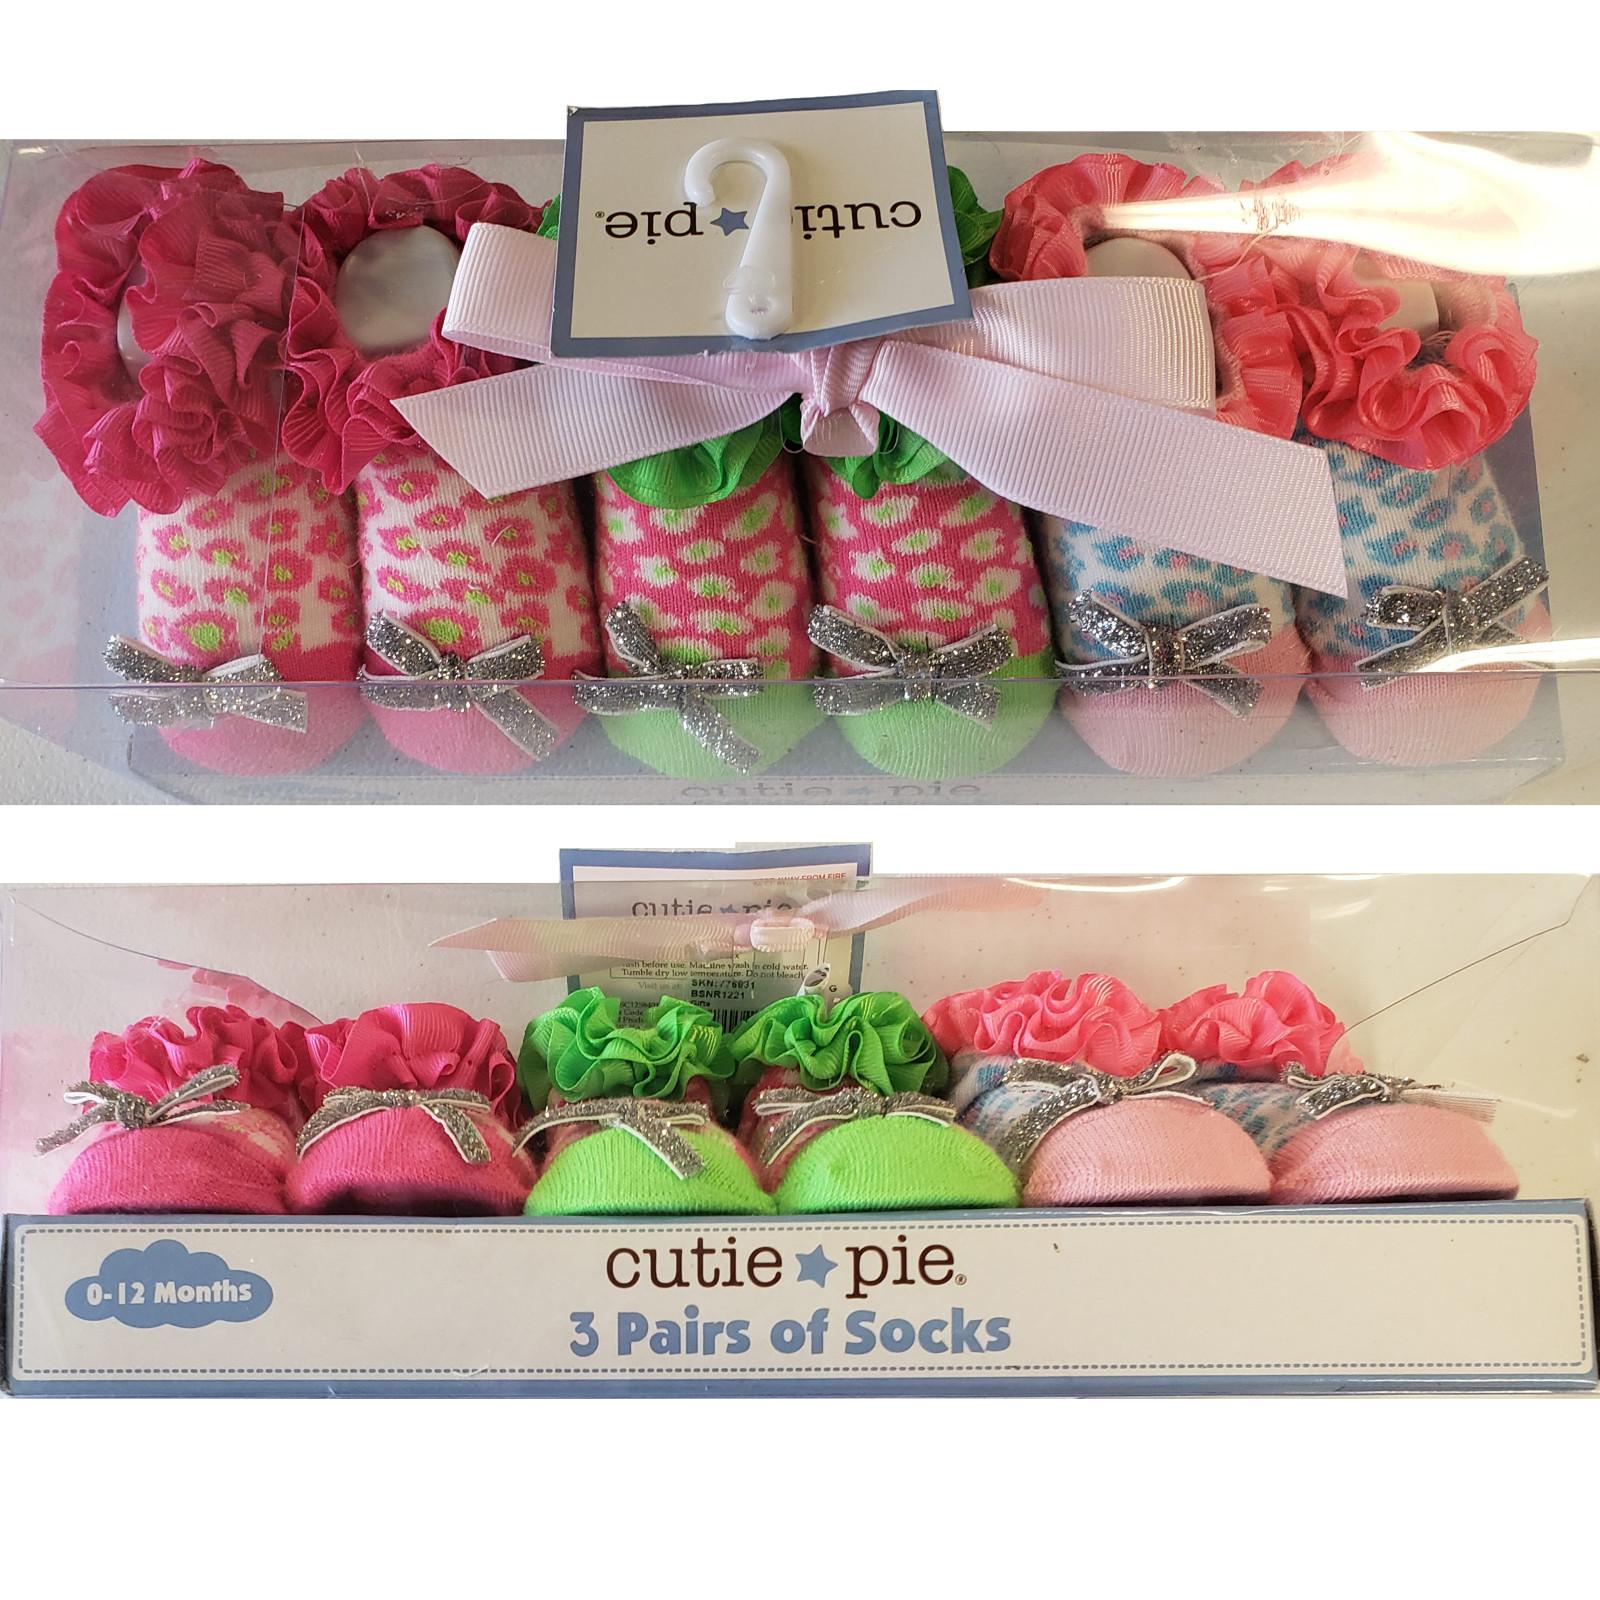 Cute Glam Cutie Pie Socks 0-12 months 3-Pair Gift Pack